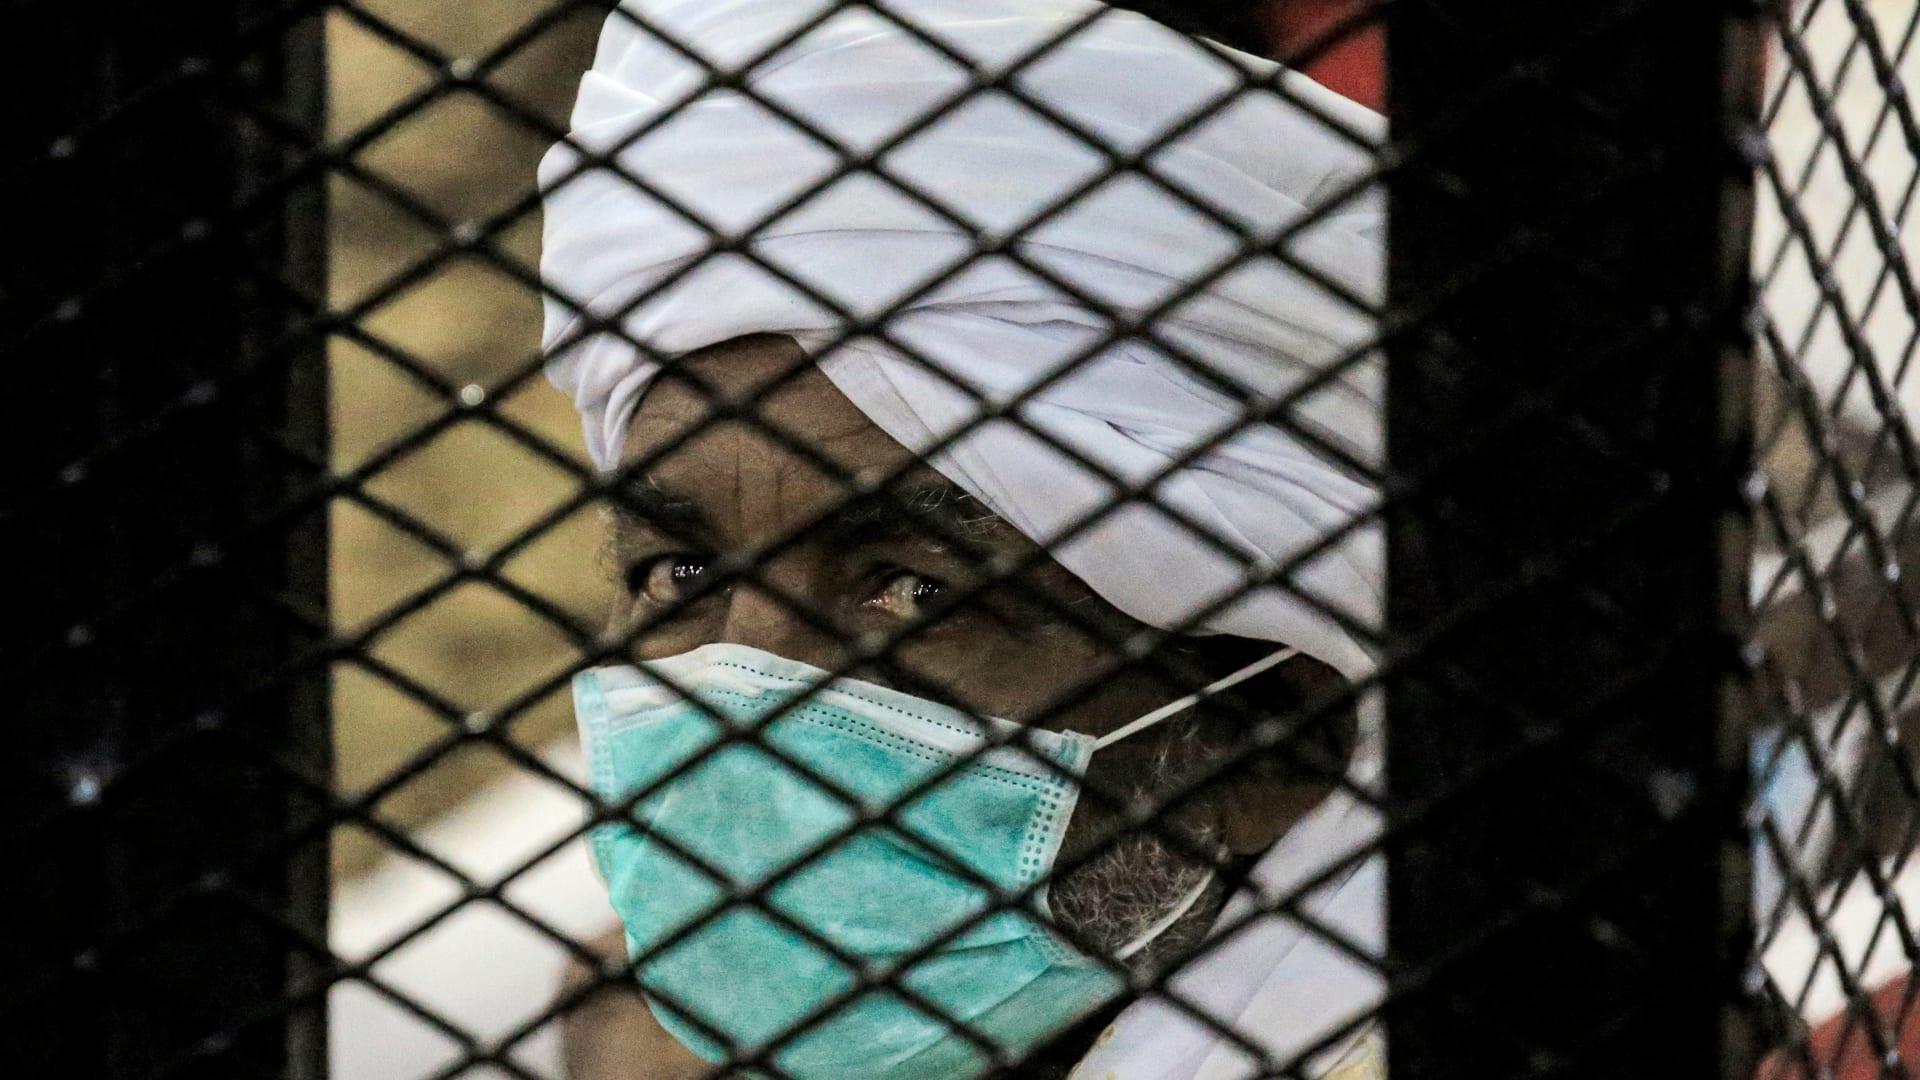 مرتديا الكمامة.. عمر البشير يظهر في المحكمة ومحاموه يطالبون بإرجاء الجلسة بسبب كورونا